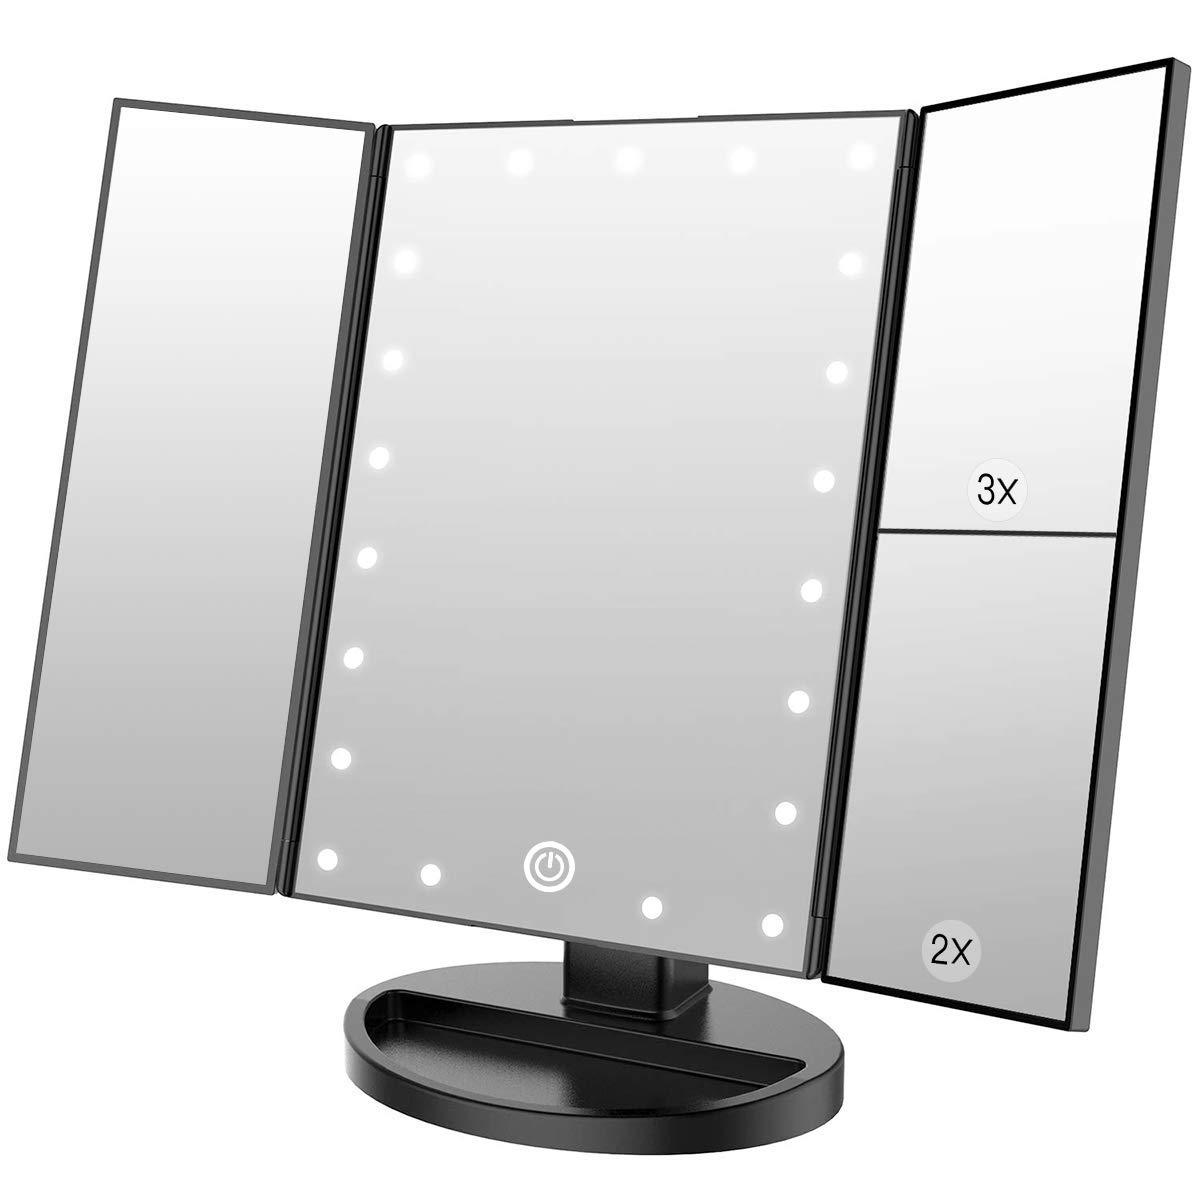 Immagine di WEILY Specchio cosmetico per Trucco con 21 luci a LED, specchi Cosmetici Illuminati a LED a Doppia Alimentazione con ingrandimento Triplo (Nero) - B085Q2J1BX